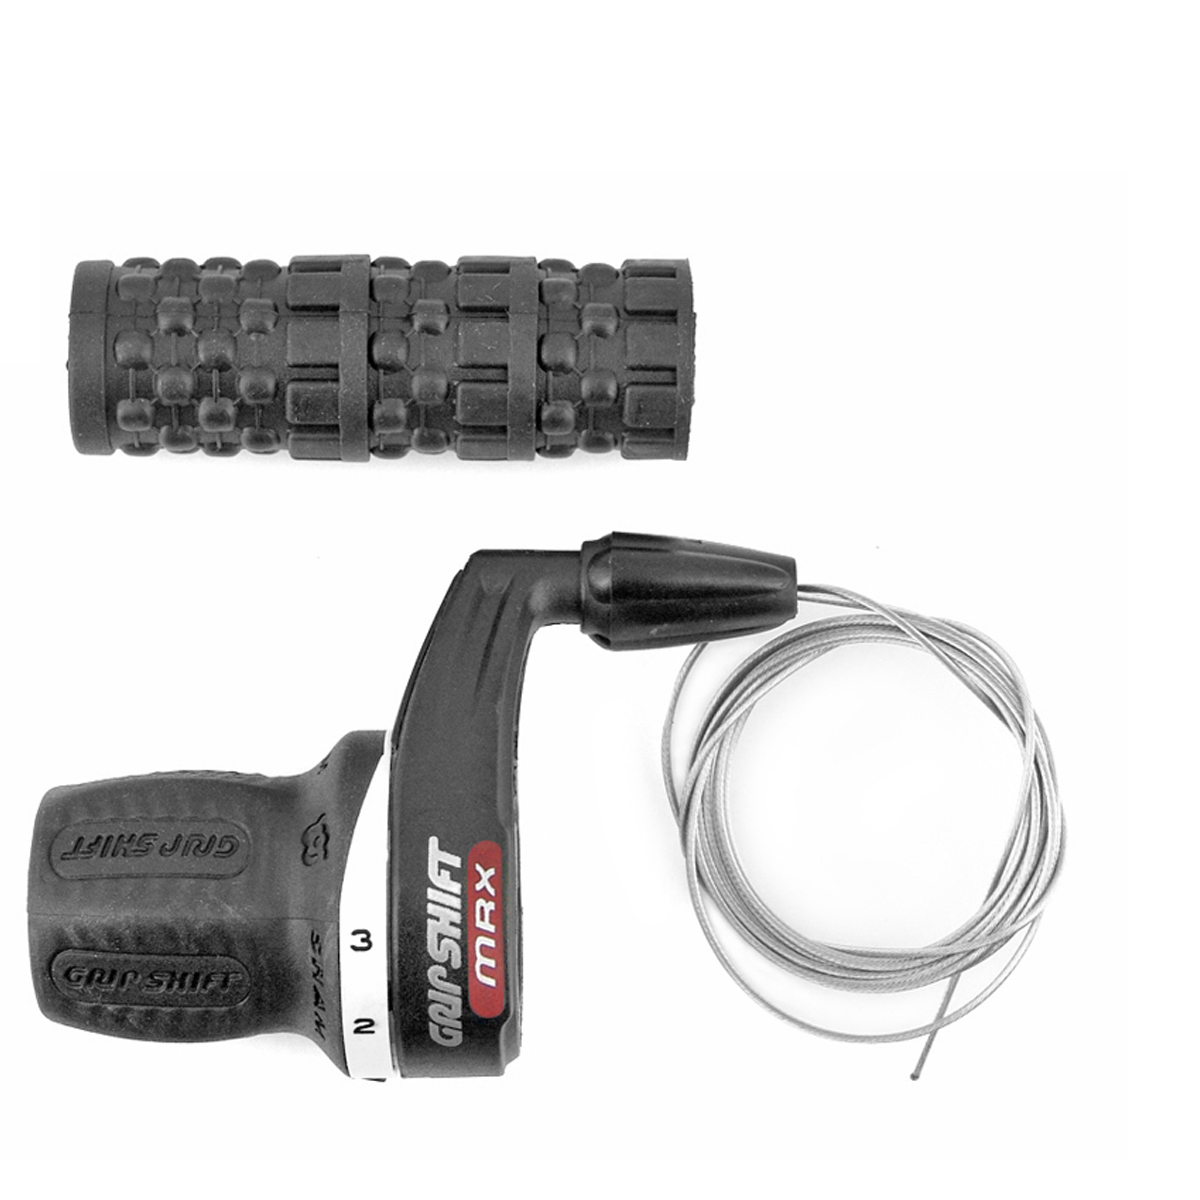 Manette SRAM Twister MRX 3V gauche